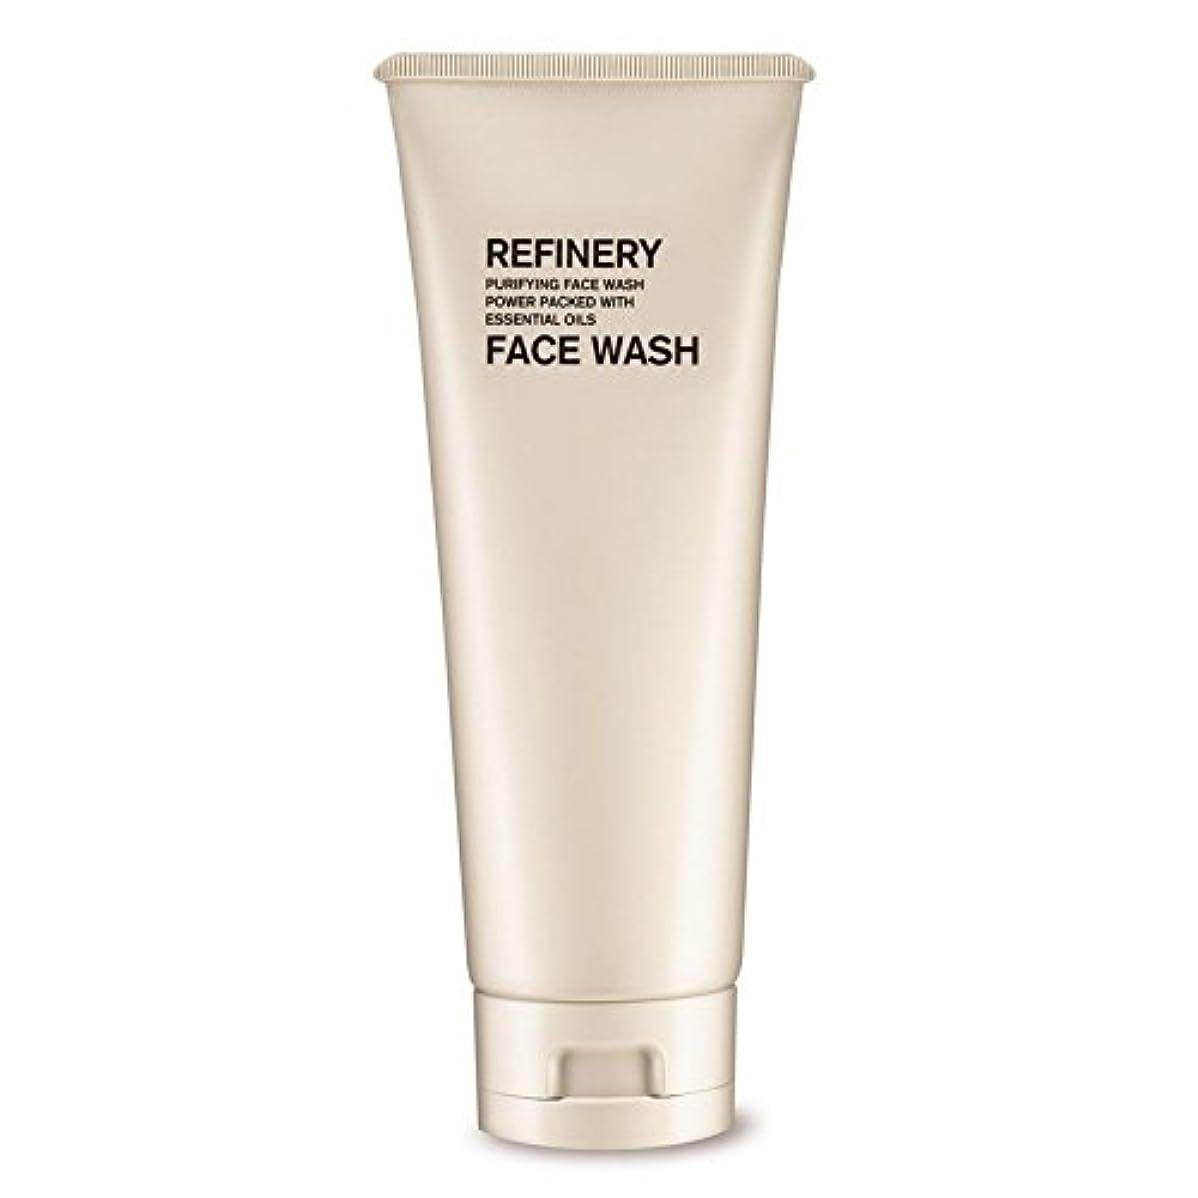 コート予測するカウントアップ製油所洗顔の100ミリリットル x4 - The Refinery Face Wash 100ml (Pack of 4) [並行輸入品]